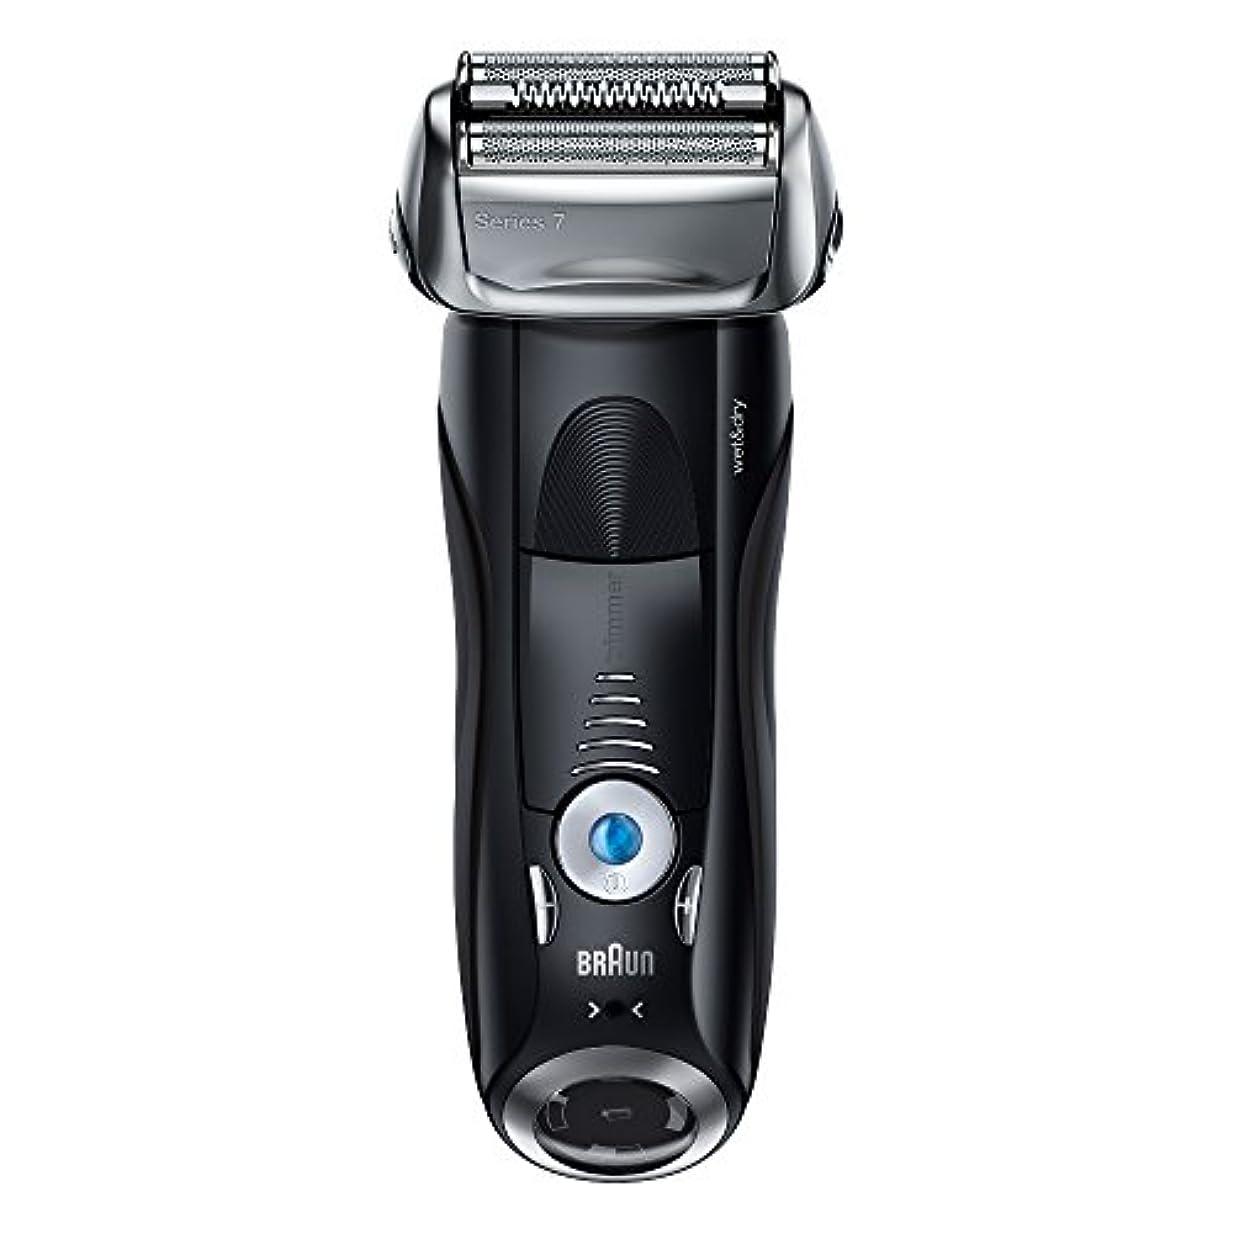 満了メロン対応ブラウン メンズ電気シェーバー シリーズ7 7842s 4カットシステム 水洗い/お風呂剃り可